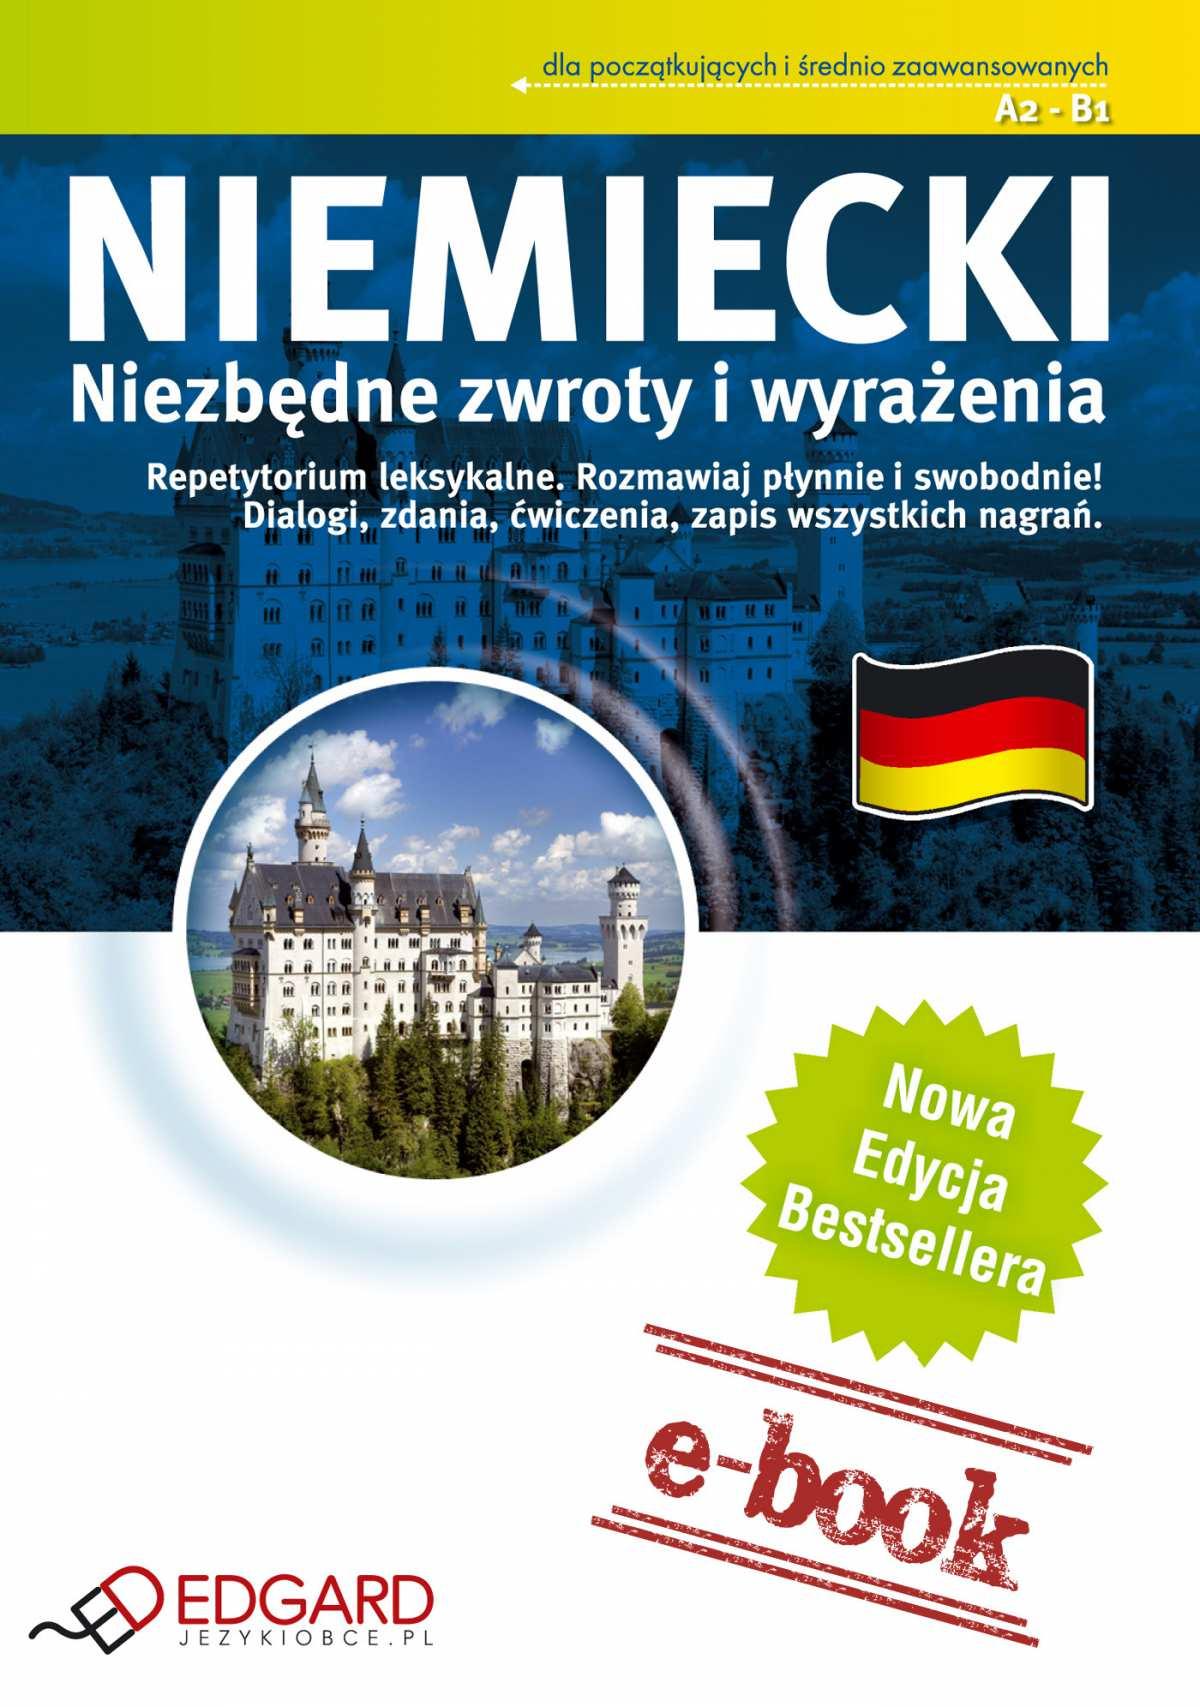 Niemiecki - Niezbędne zwroty i wyrażenia - Ebook (Książka EPUB) do pobrania w formacie EPUB